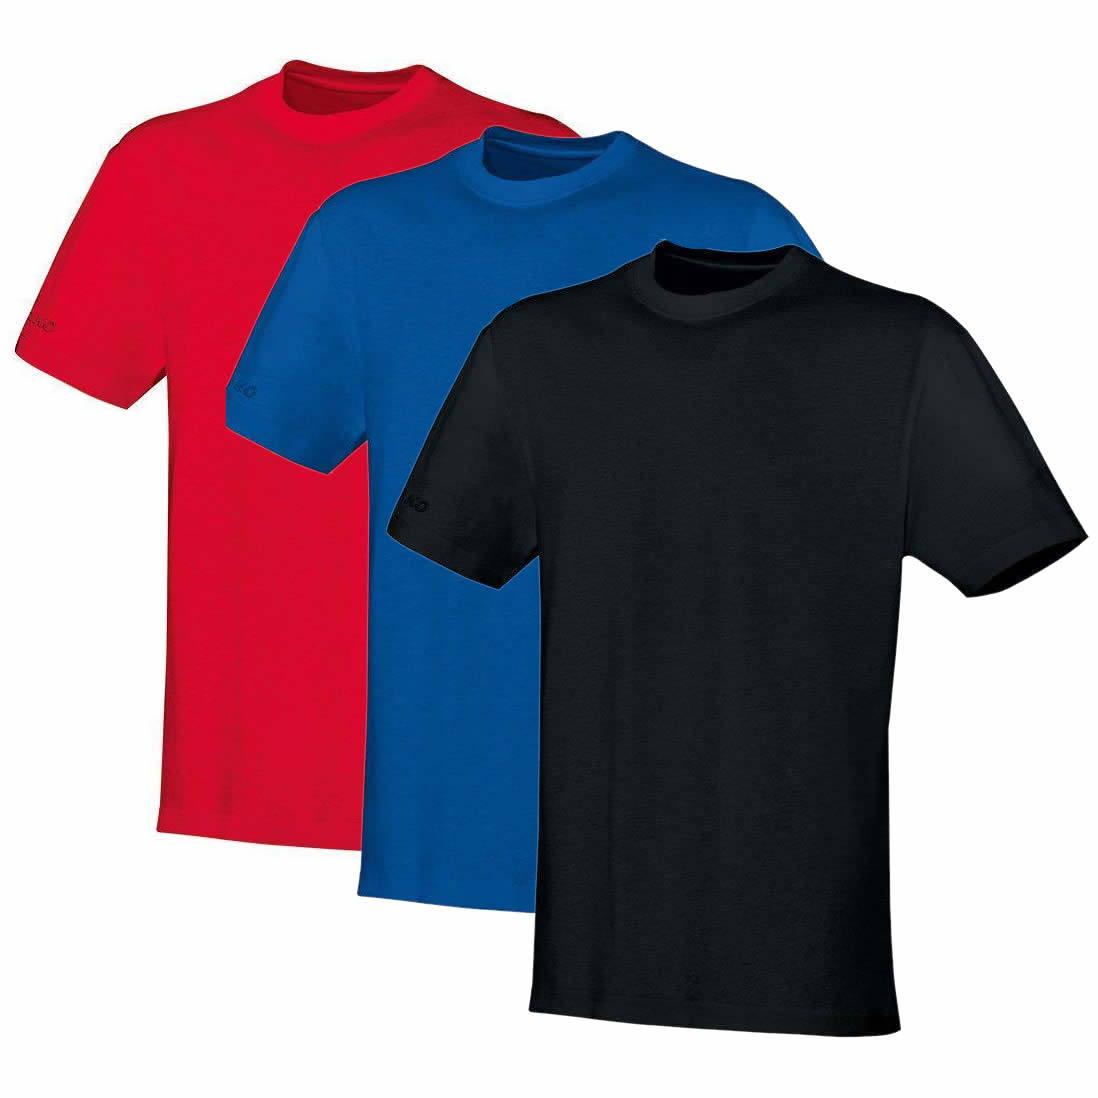 Jako T-Shirt BAUMWOLLE Unisex in Übergröße